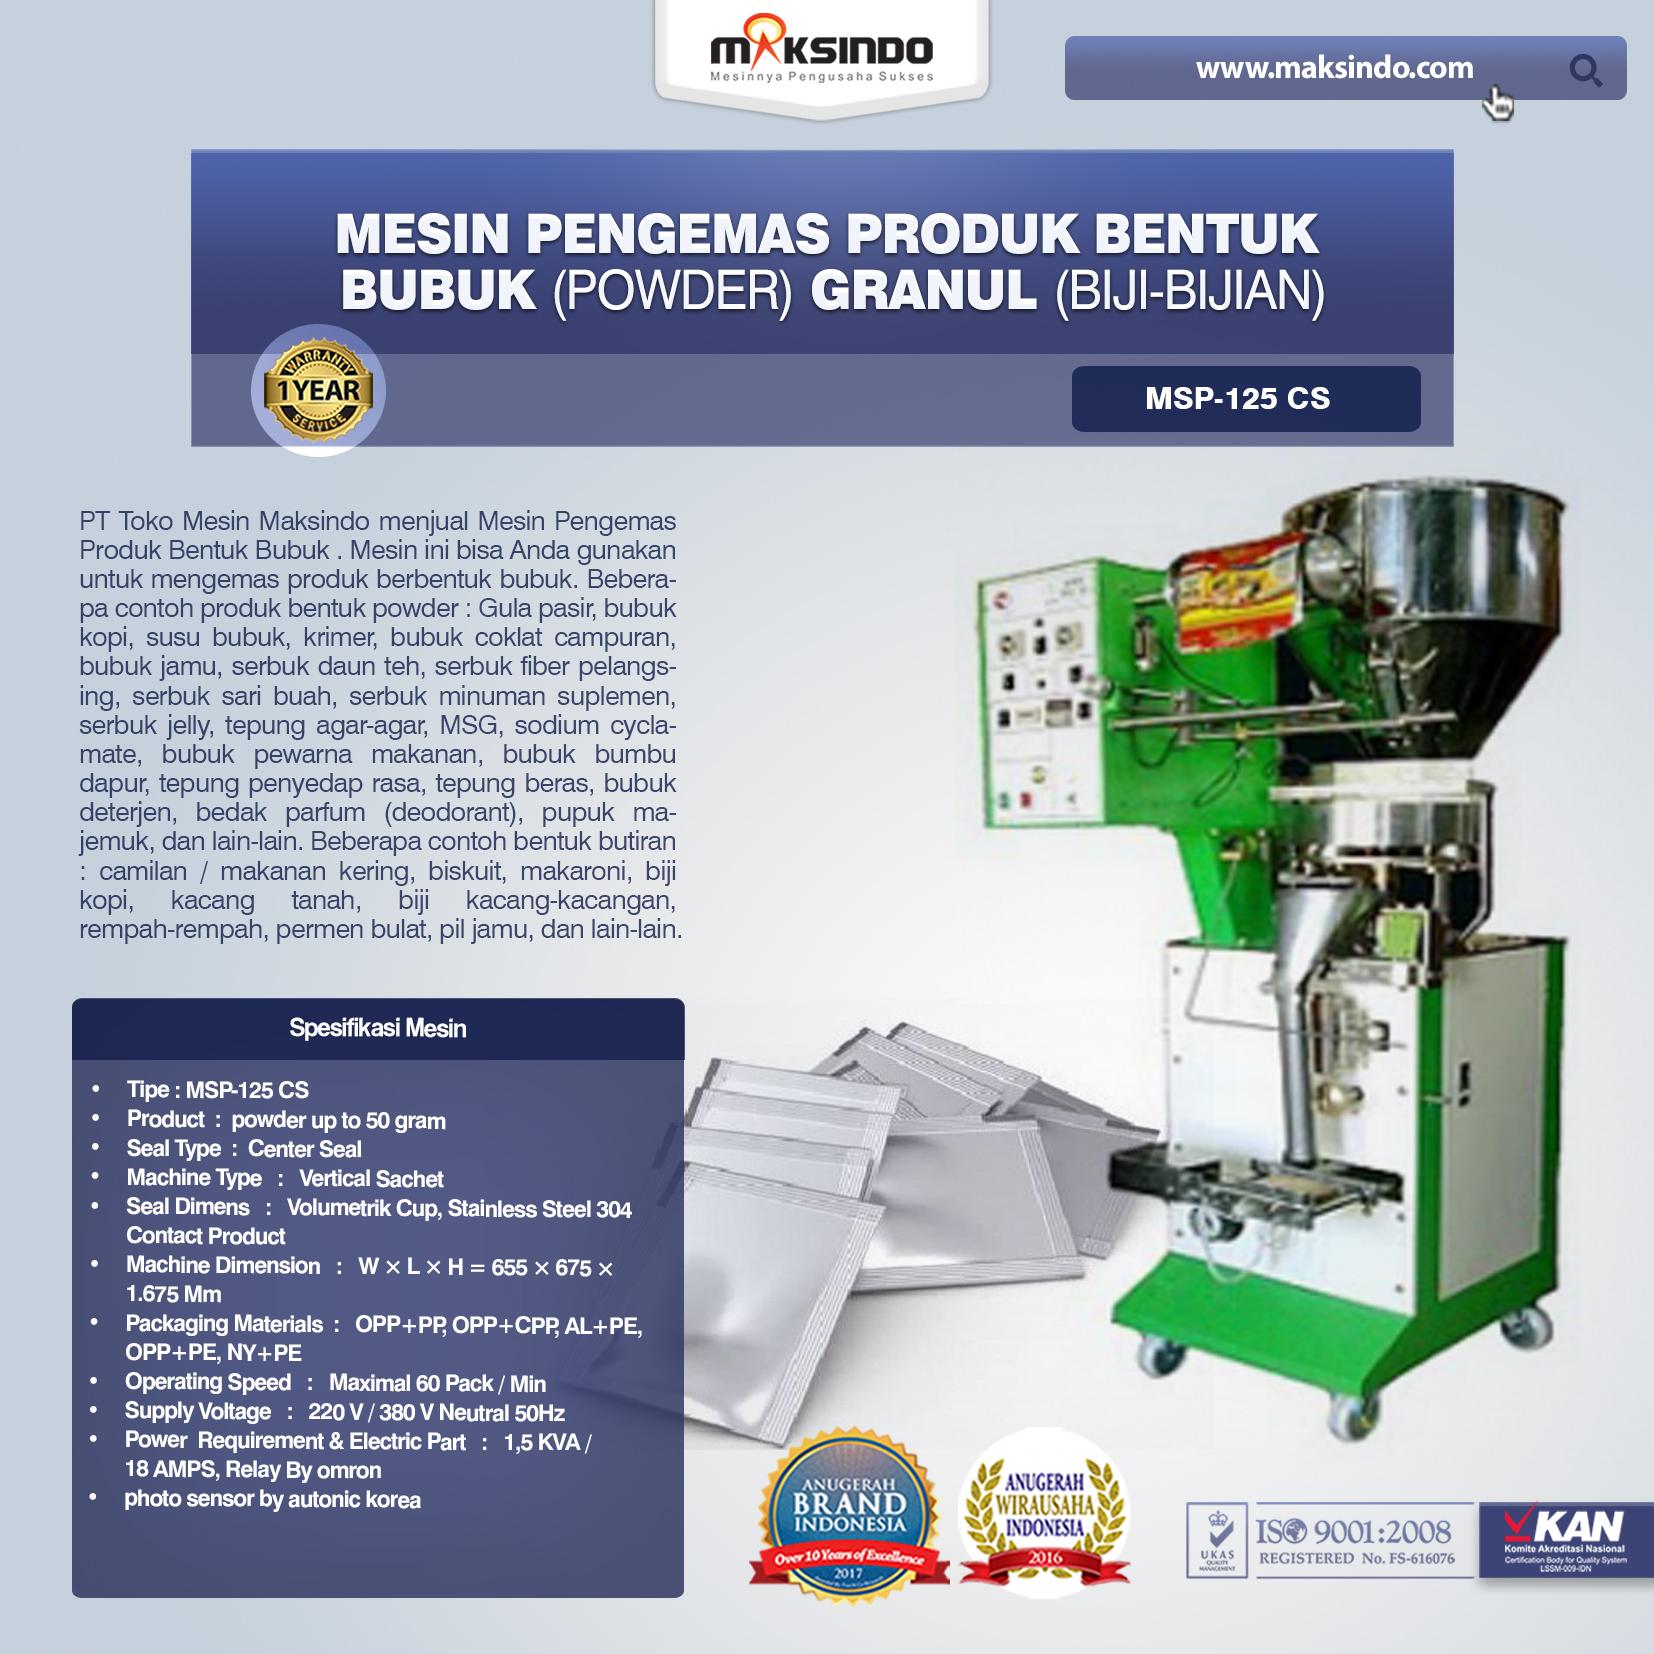 Mesin Pengemas Produk Bentuk BUBUK (POWDER) GRANUL (BIJI-BIJIAN) MSP-125 CS